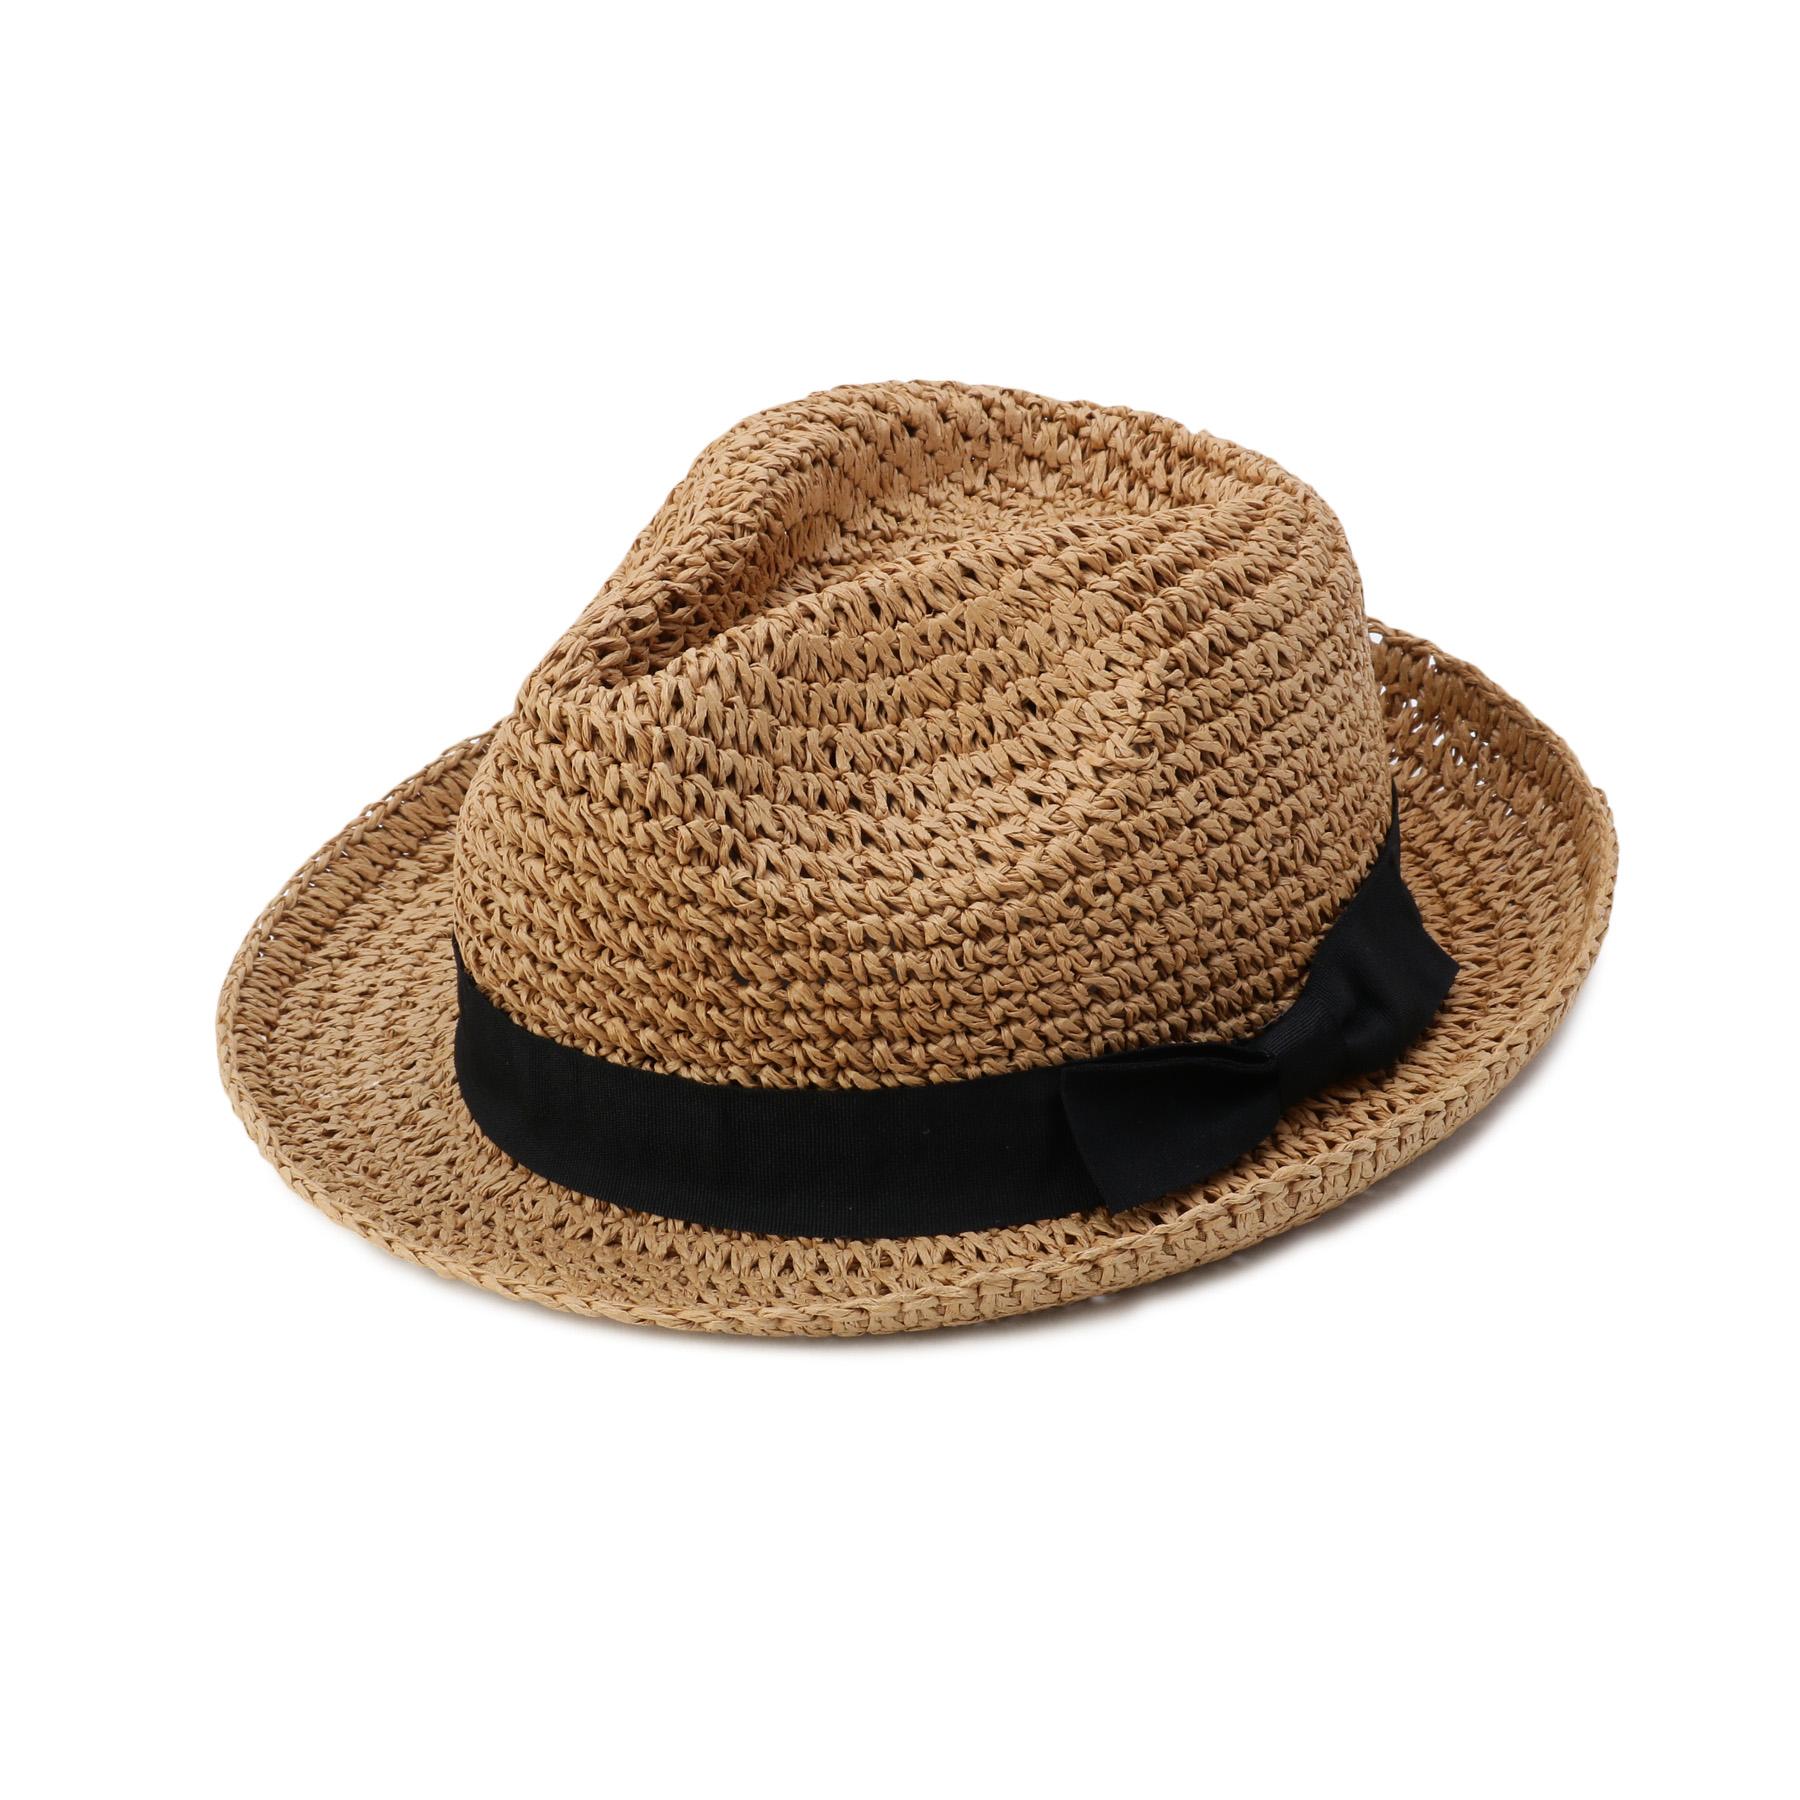 【OPAQUE.CLIP (オペークドットクリップ)】コマ編み中折れ帽子レディース 帽子 ハット ブラウン